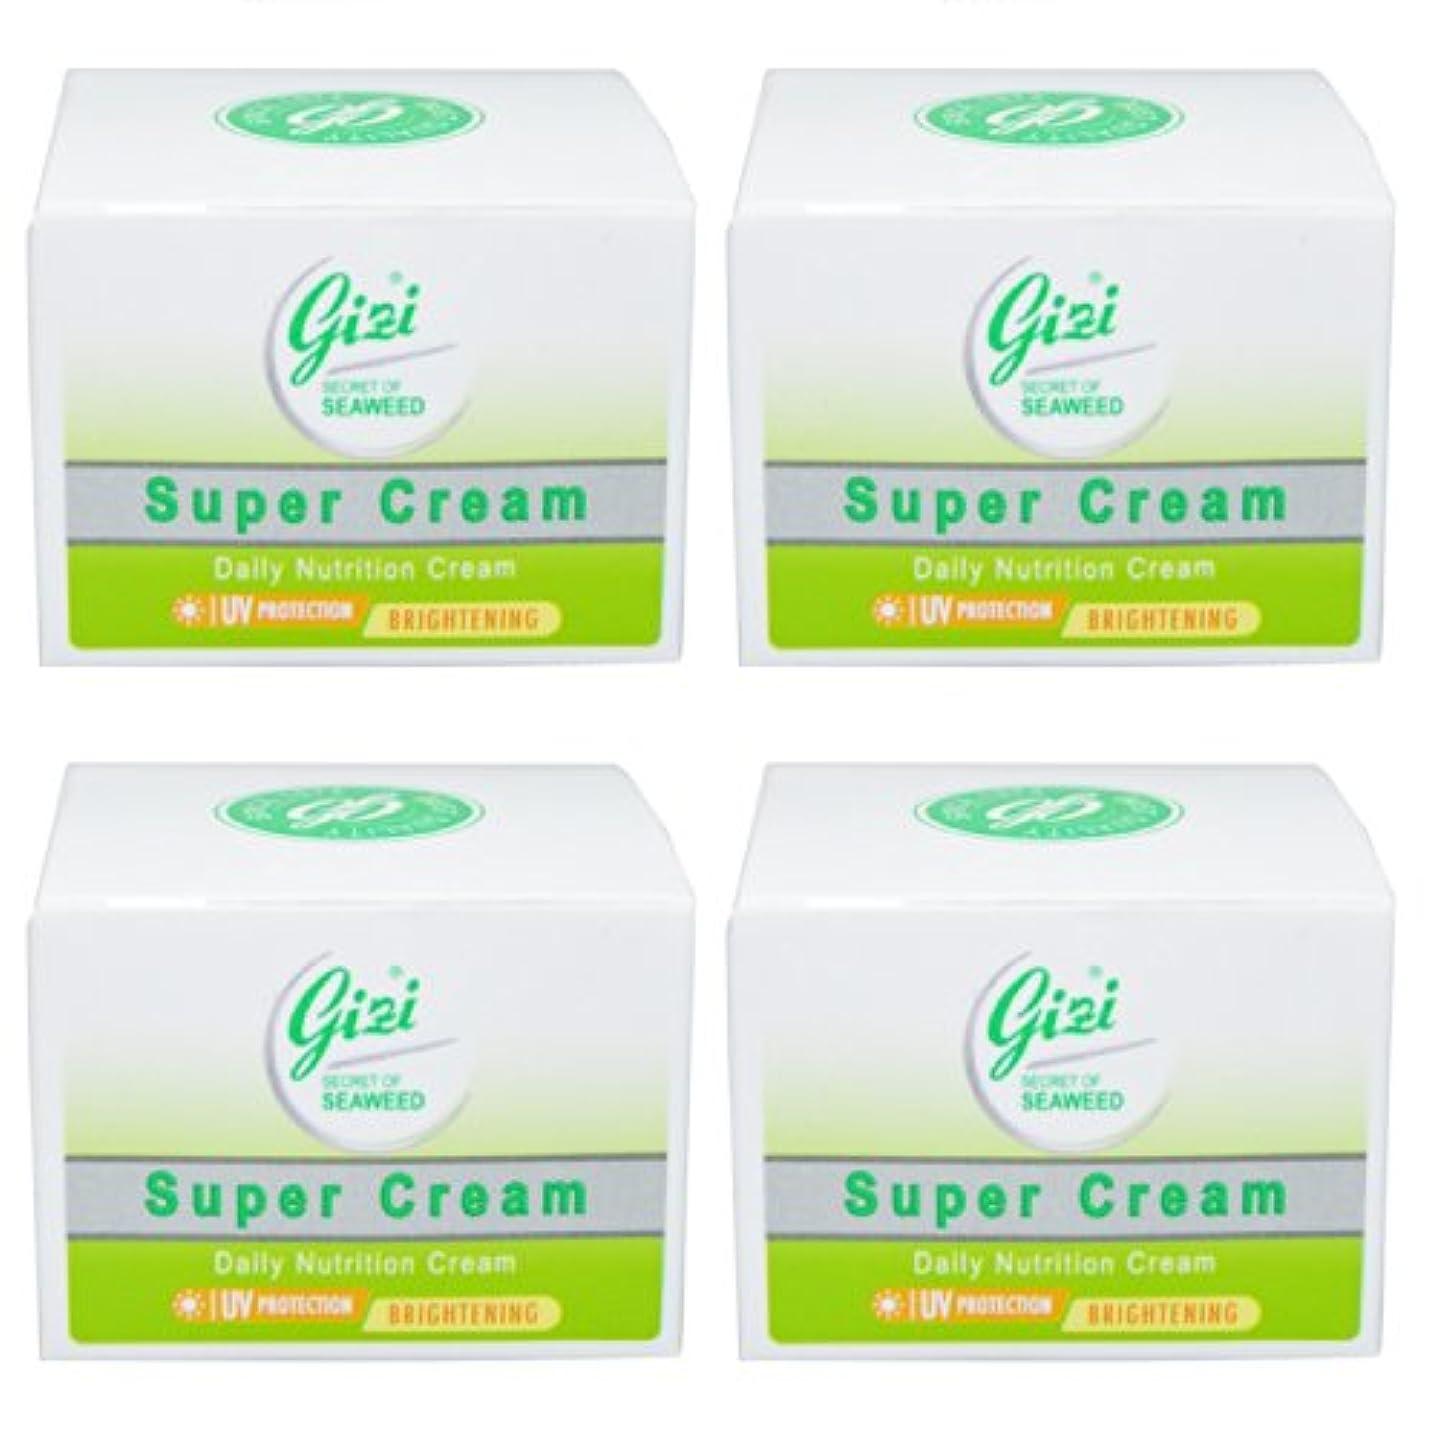 差し引く代わりの通常GIZI Super Cream(ギジ スーパークリーム)フェイスクリーム9g 4個セット[並行輸入品][海外直送品]